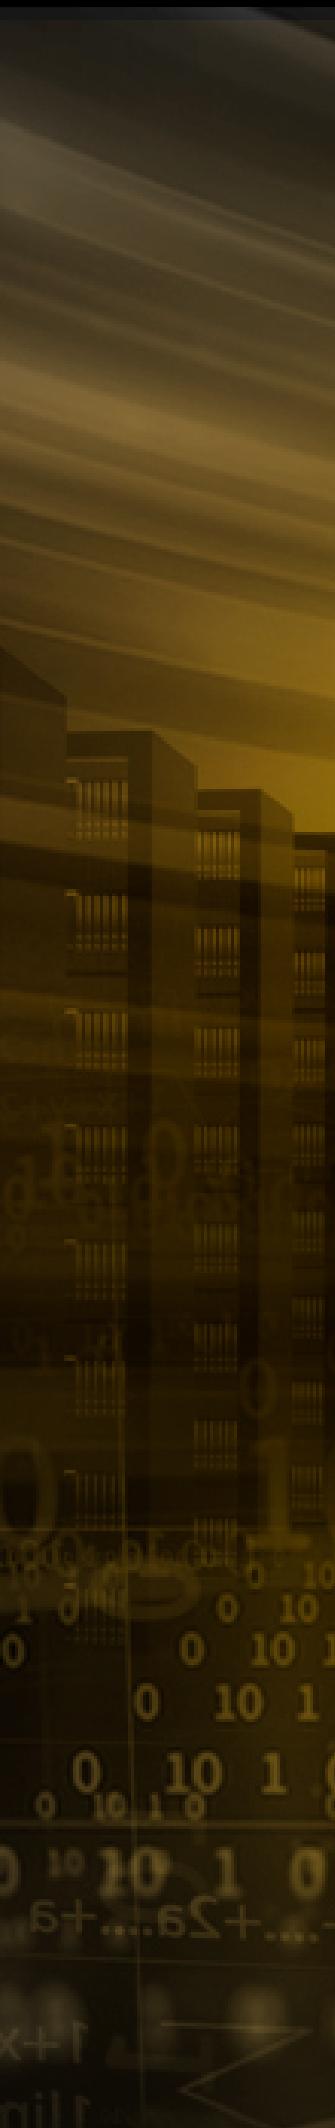 Data Centers Edge: tus datos, más cerca_izq